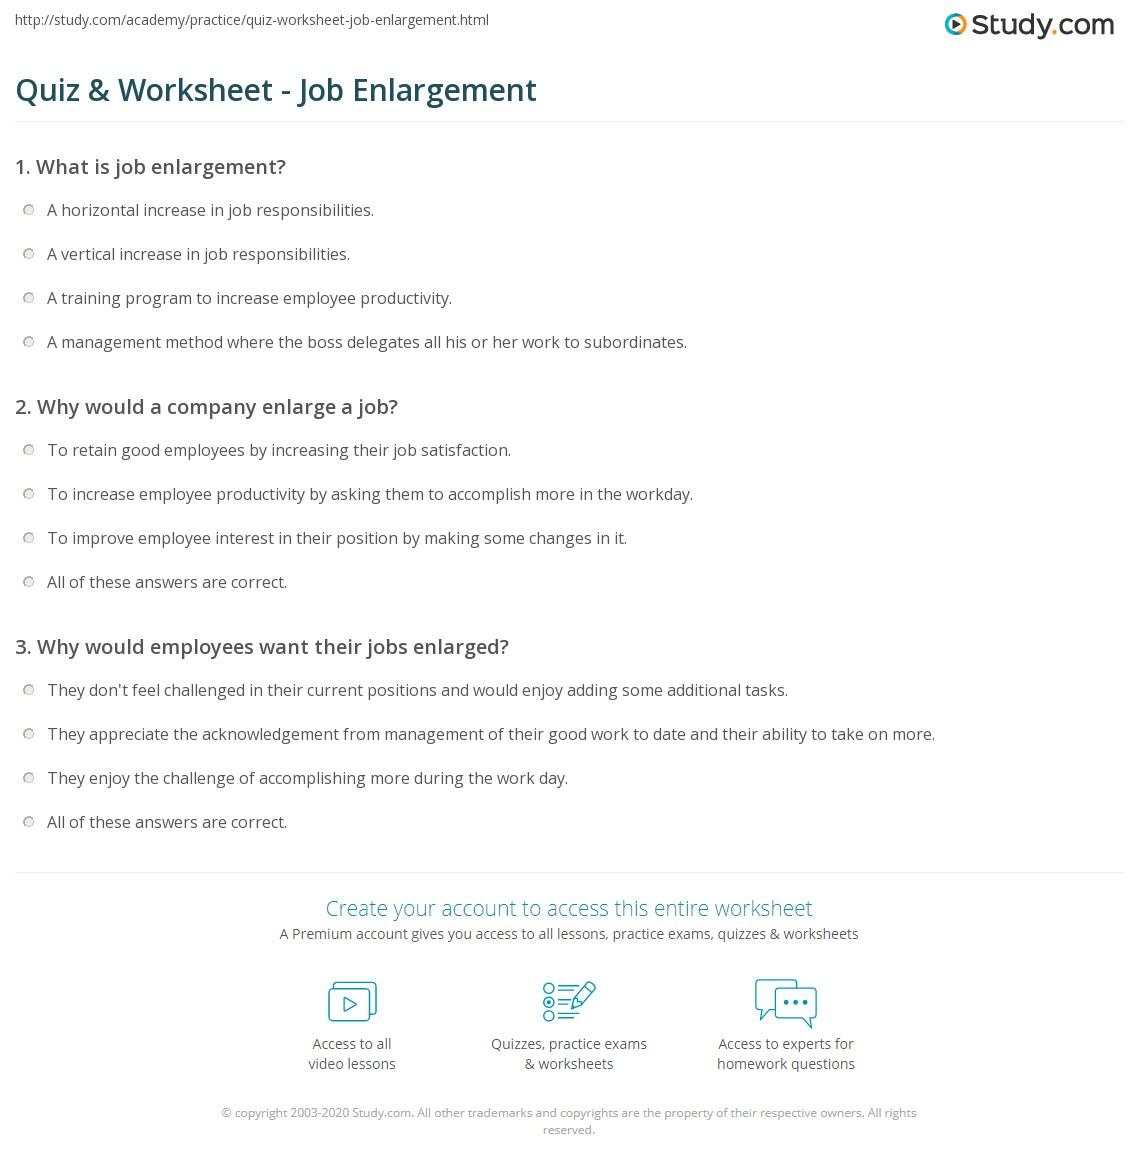 Quiz & Worksheet - Job Enlargement | Study.com